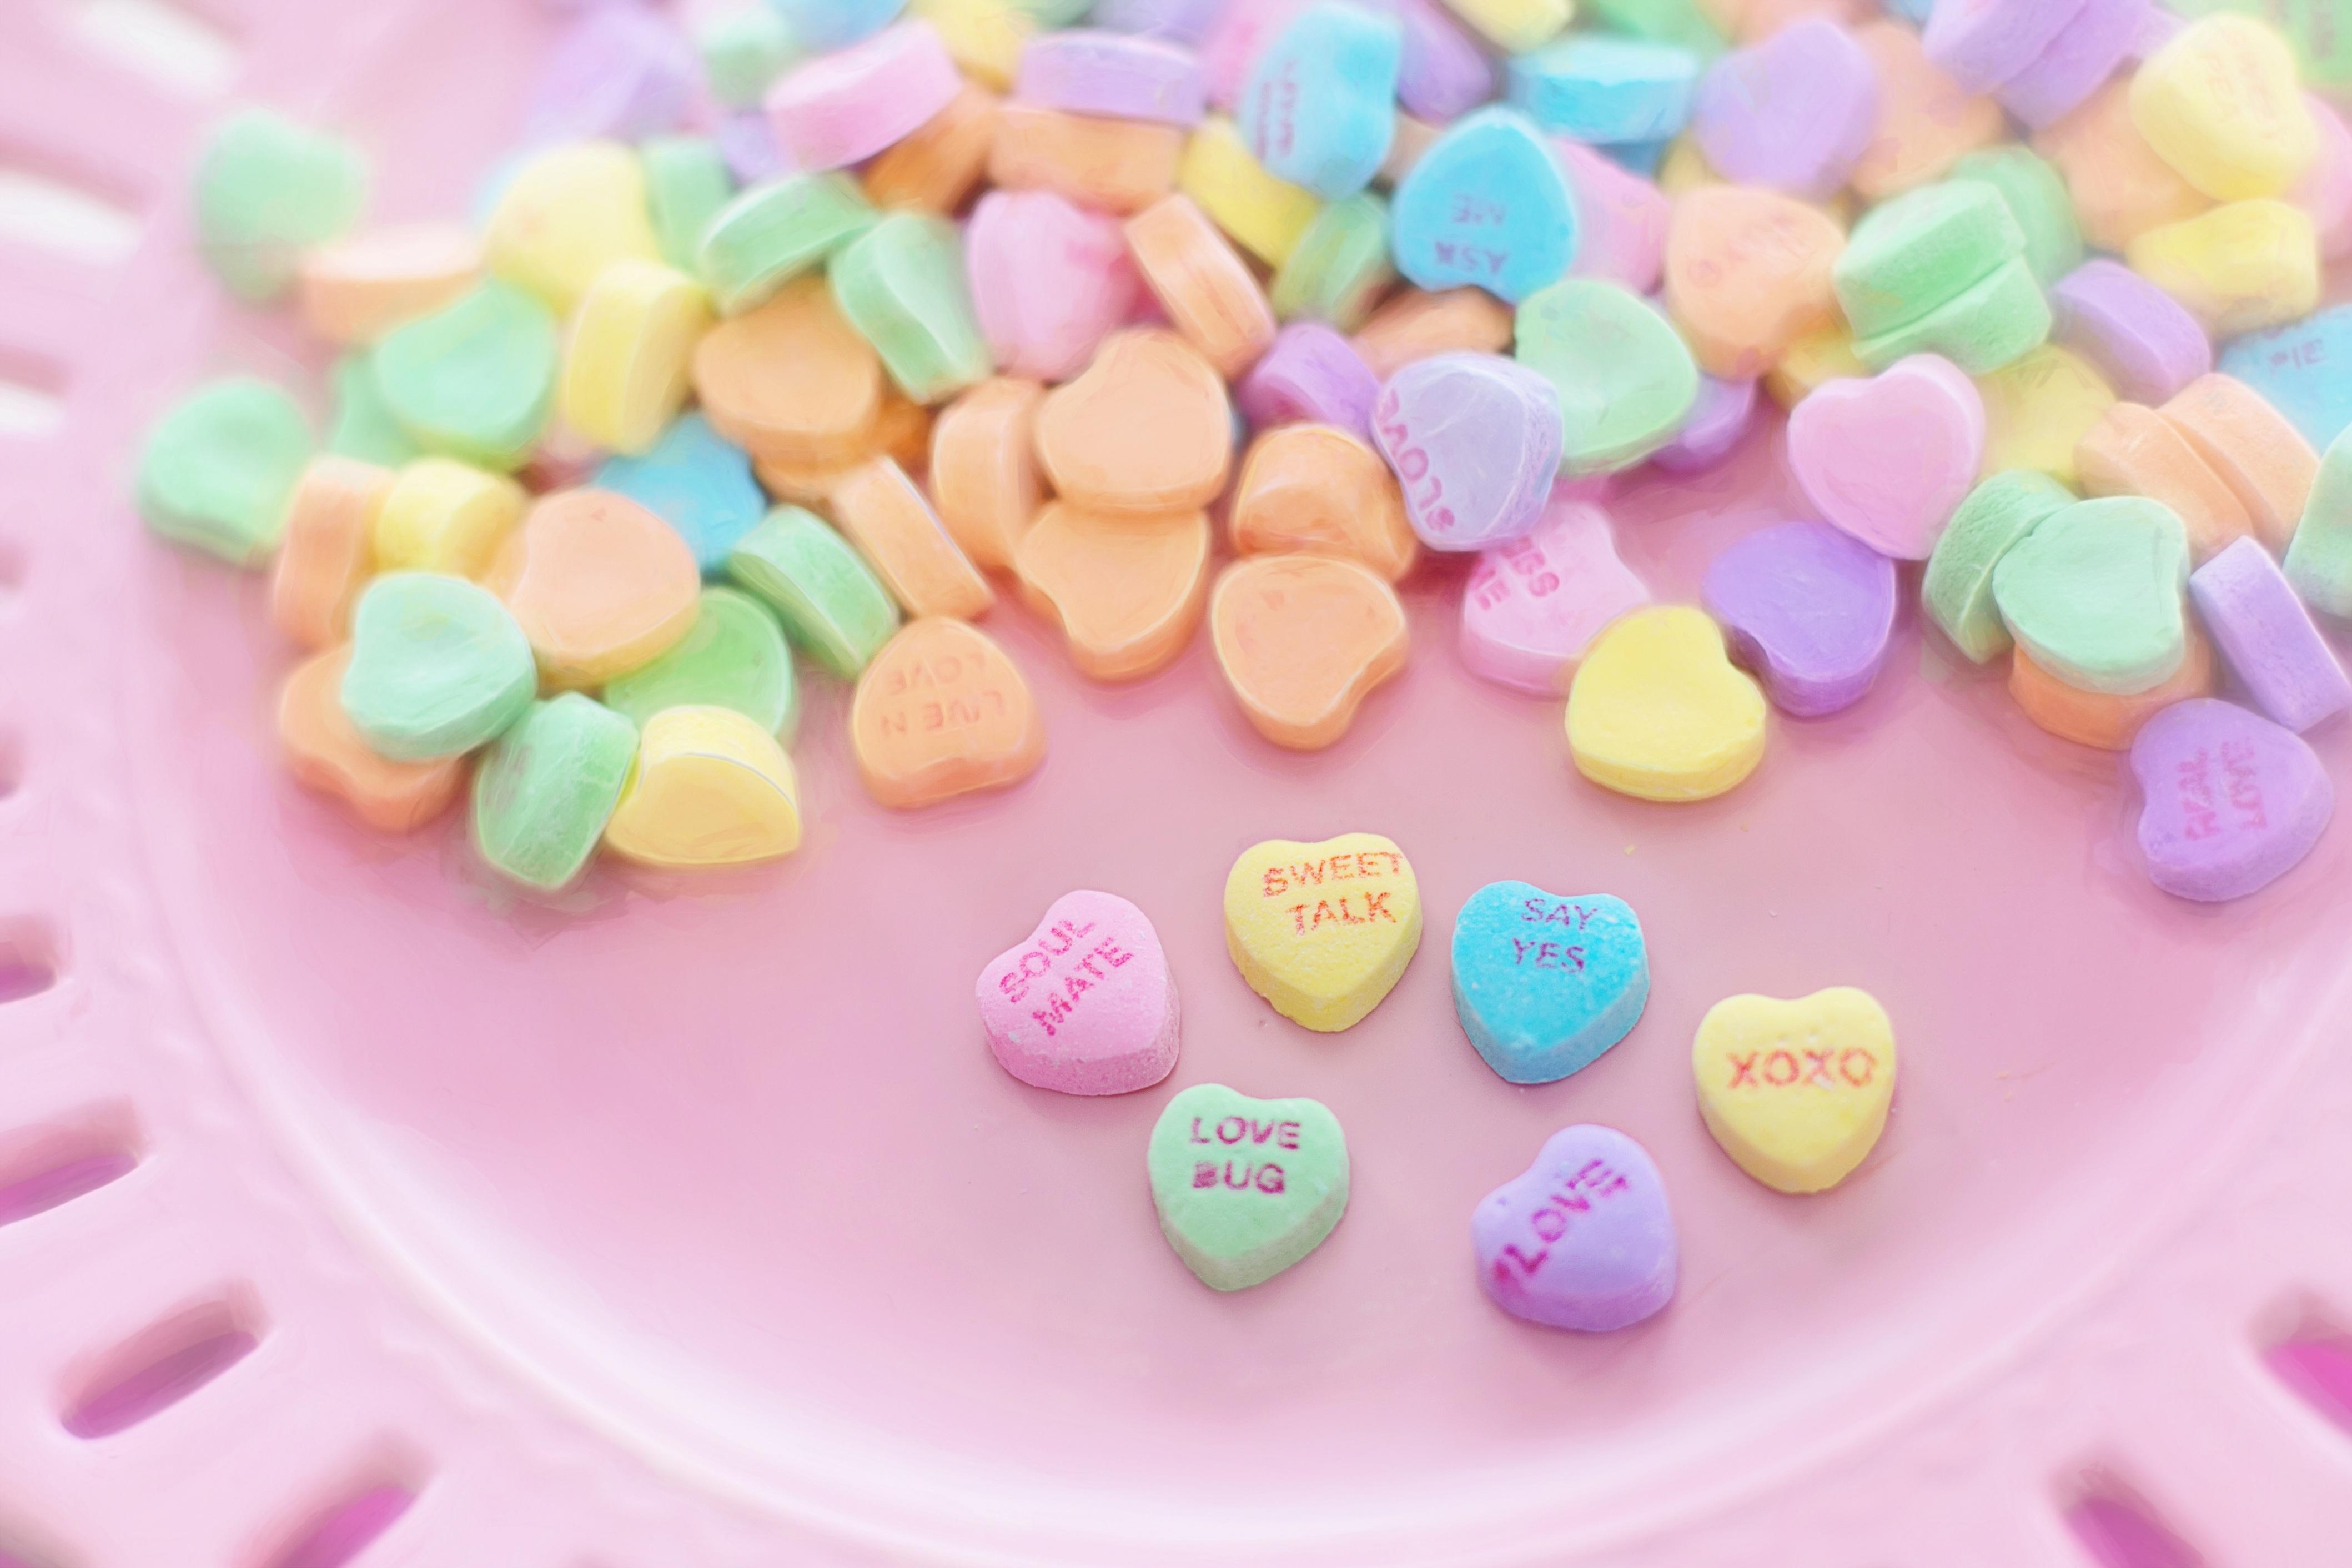 Free Images : sweet, petal, food, color, pink, dessert, cake, icing ...